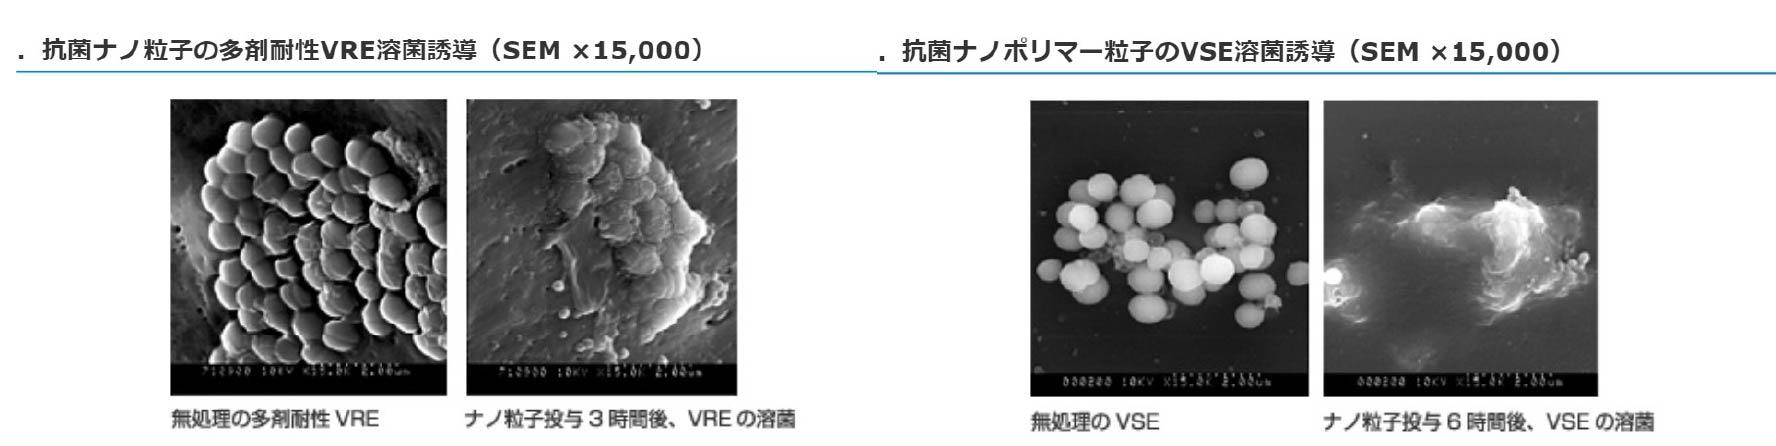 ・抗菌ナノ粒子の多剤VRE溶菌誘導・抗菌ナノポリマー粒子のVSE溶菌誘導